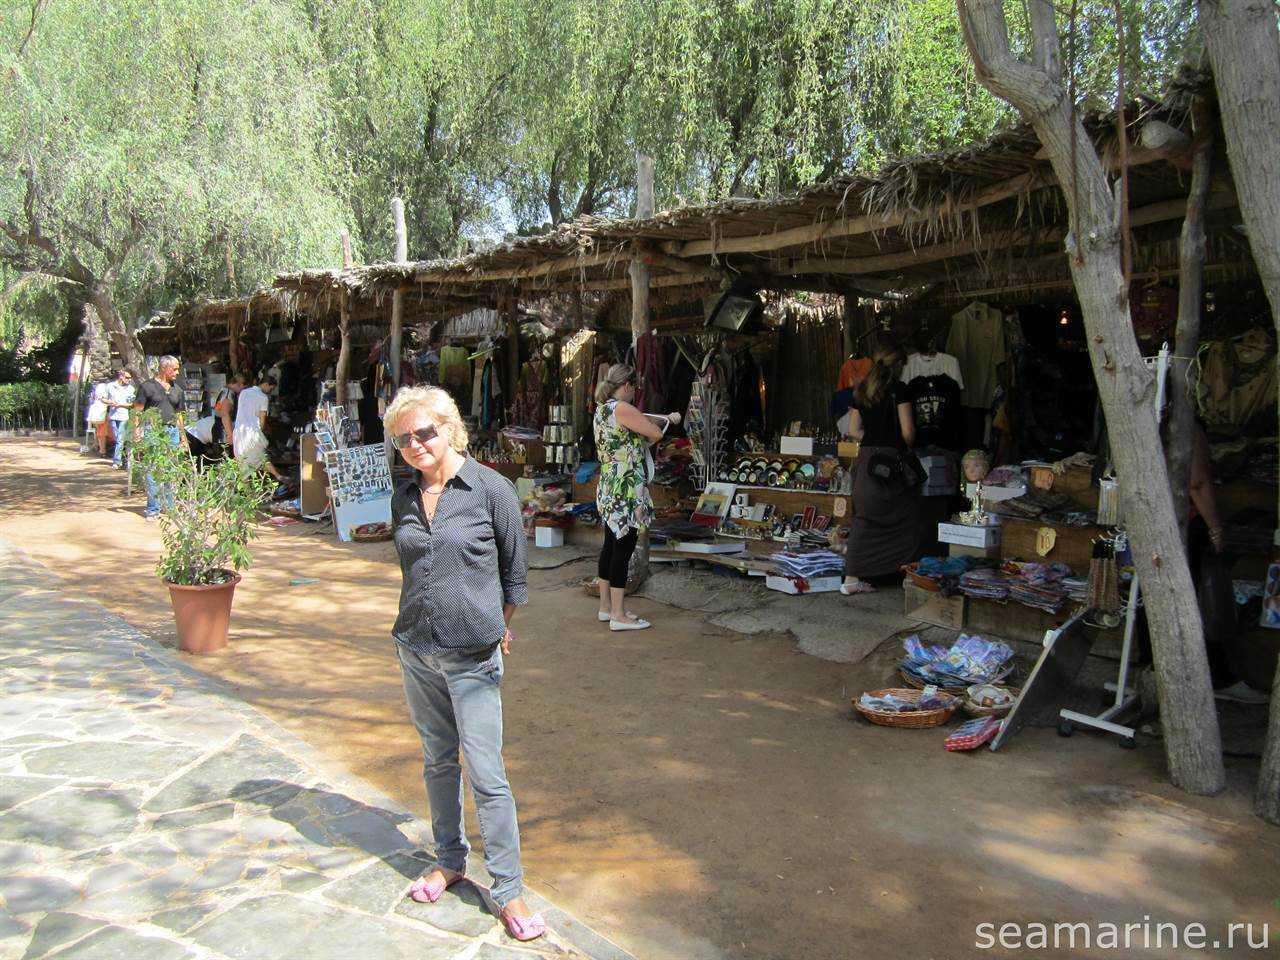 Историко-этнографическая деревня Heritage Village